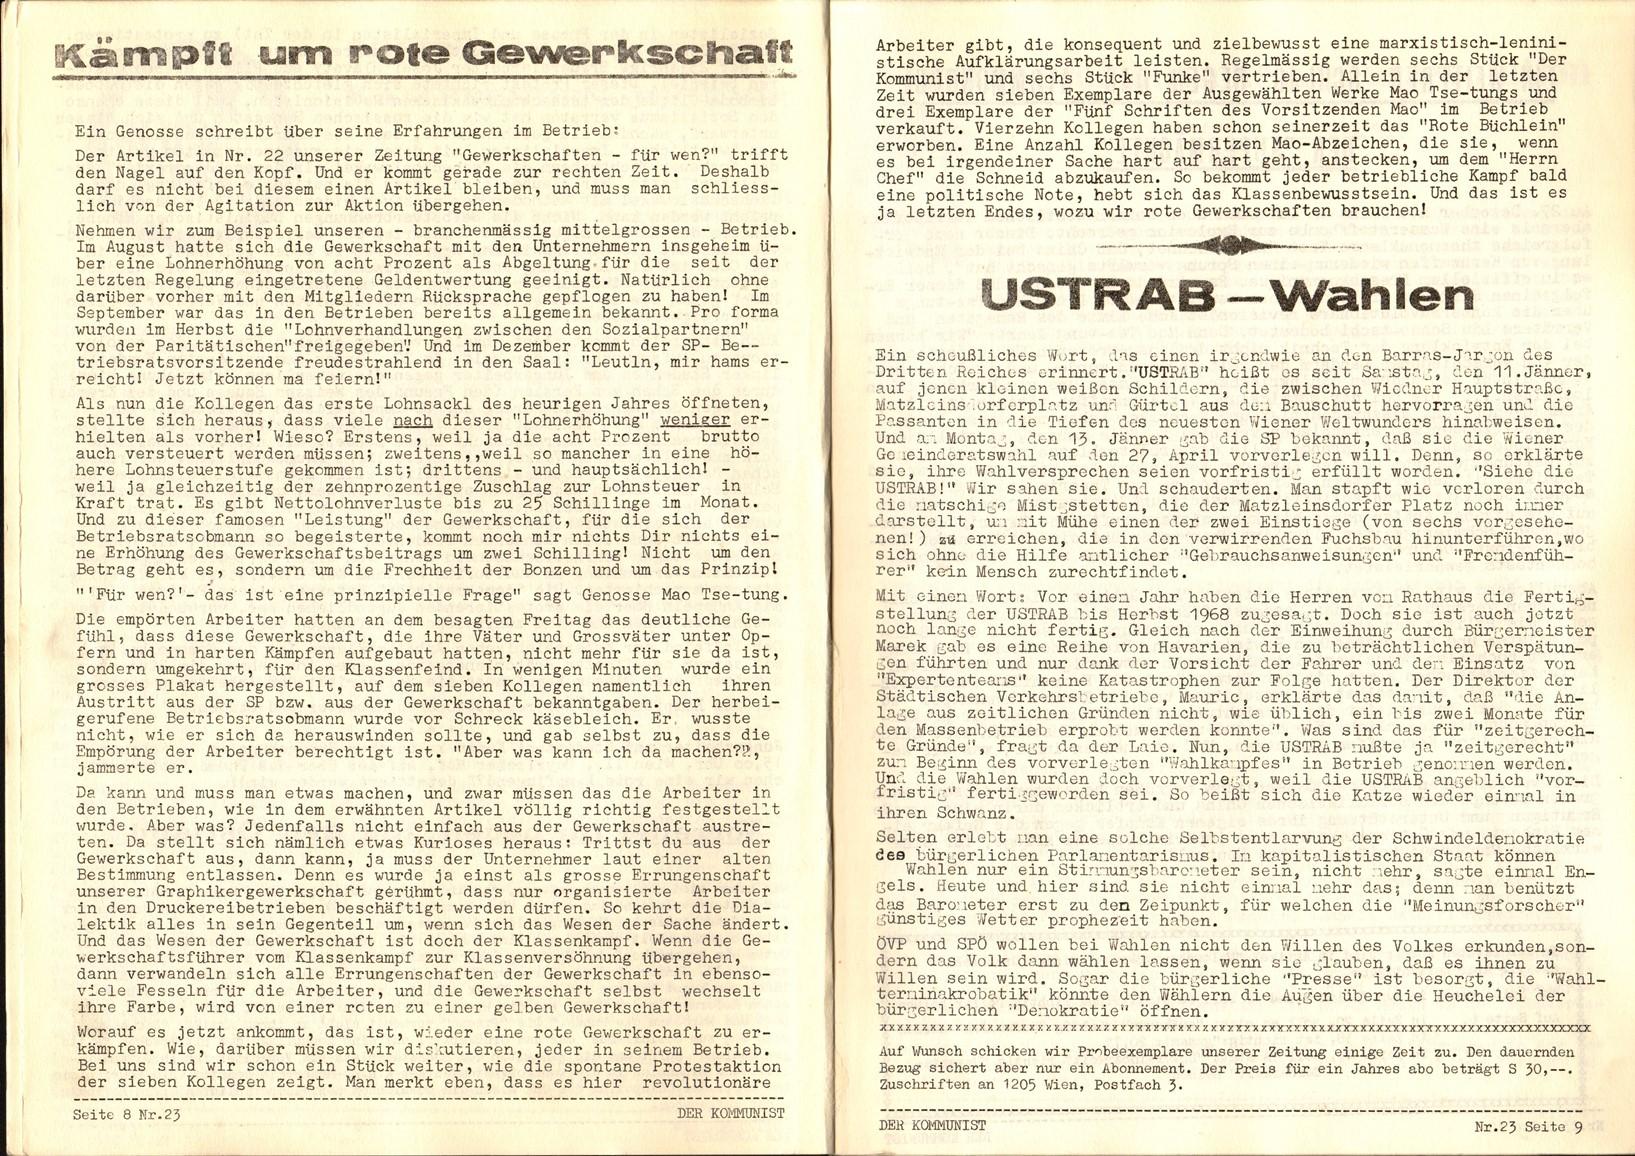 VRA_Der_Kommunist_19690100_05